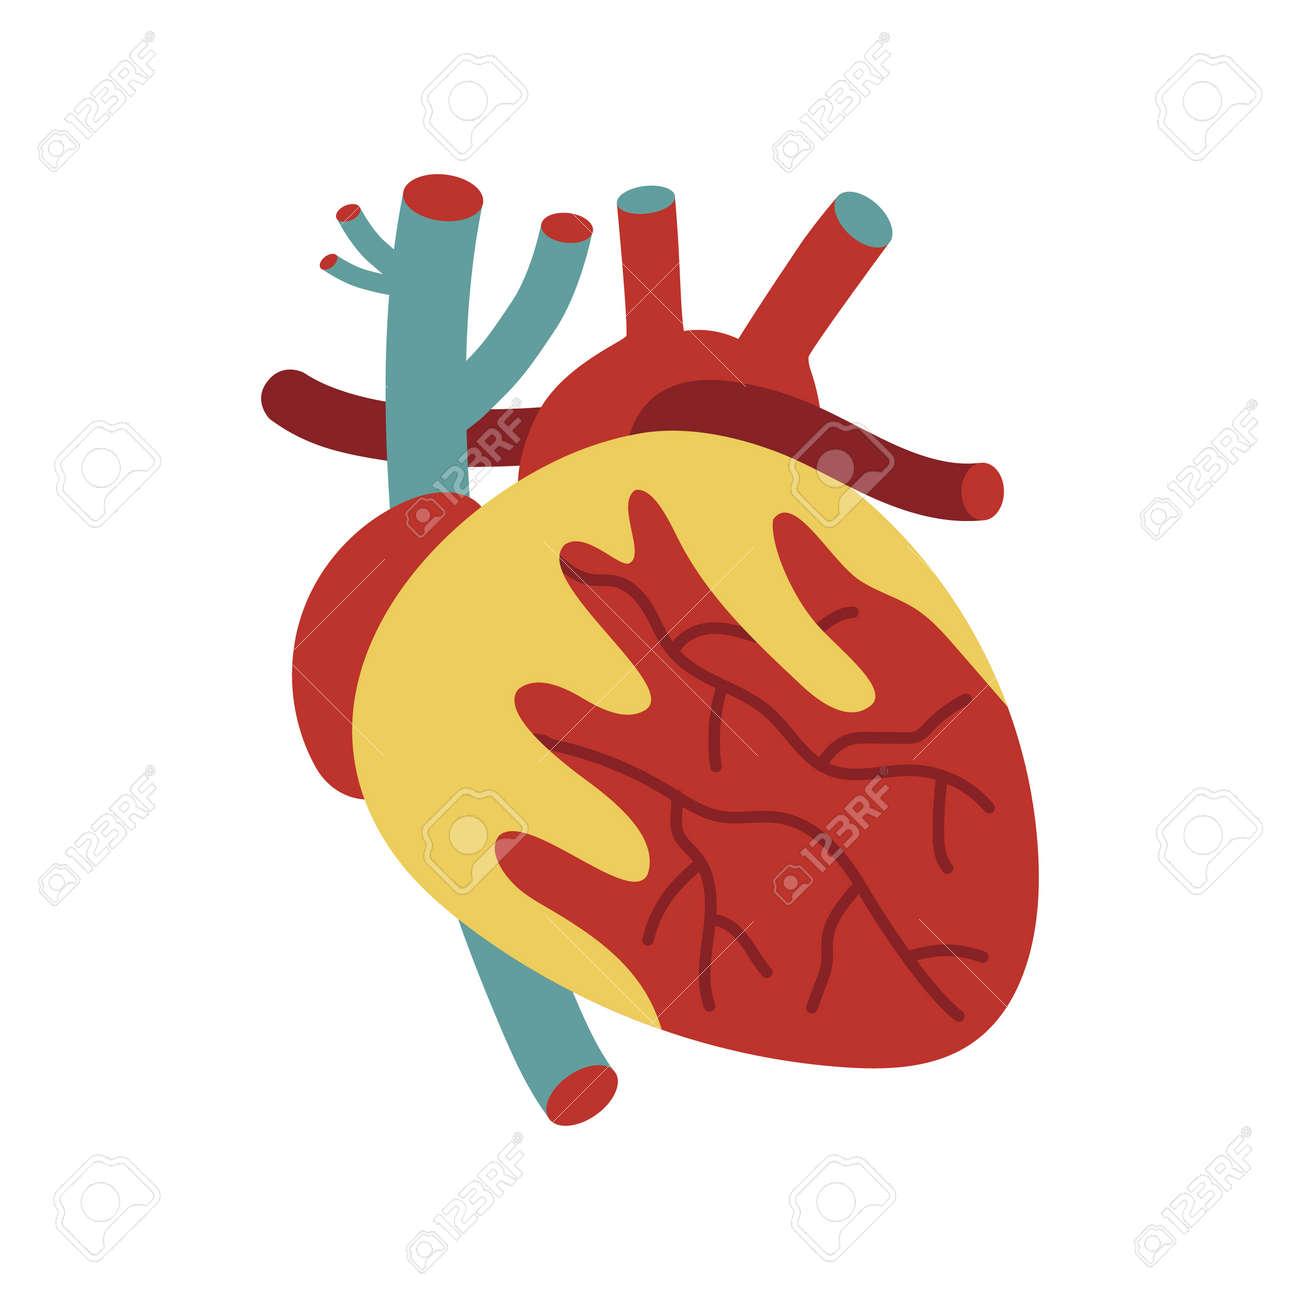 Icono Del Corazón Humano En Estilo De Dibujos Animados. Elemento De ...